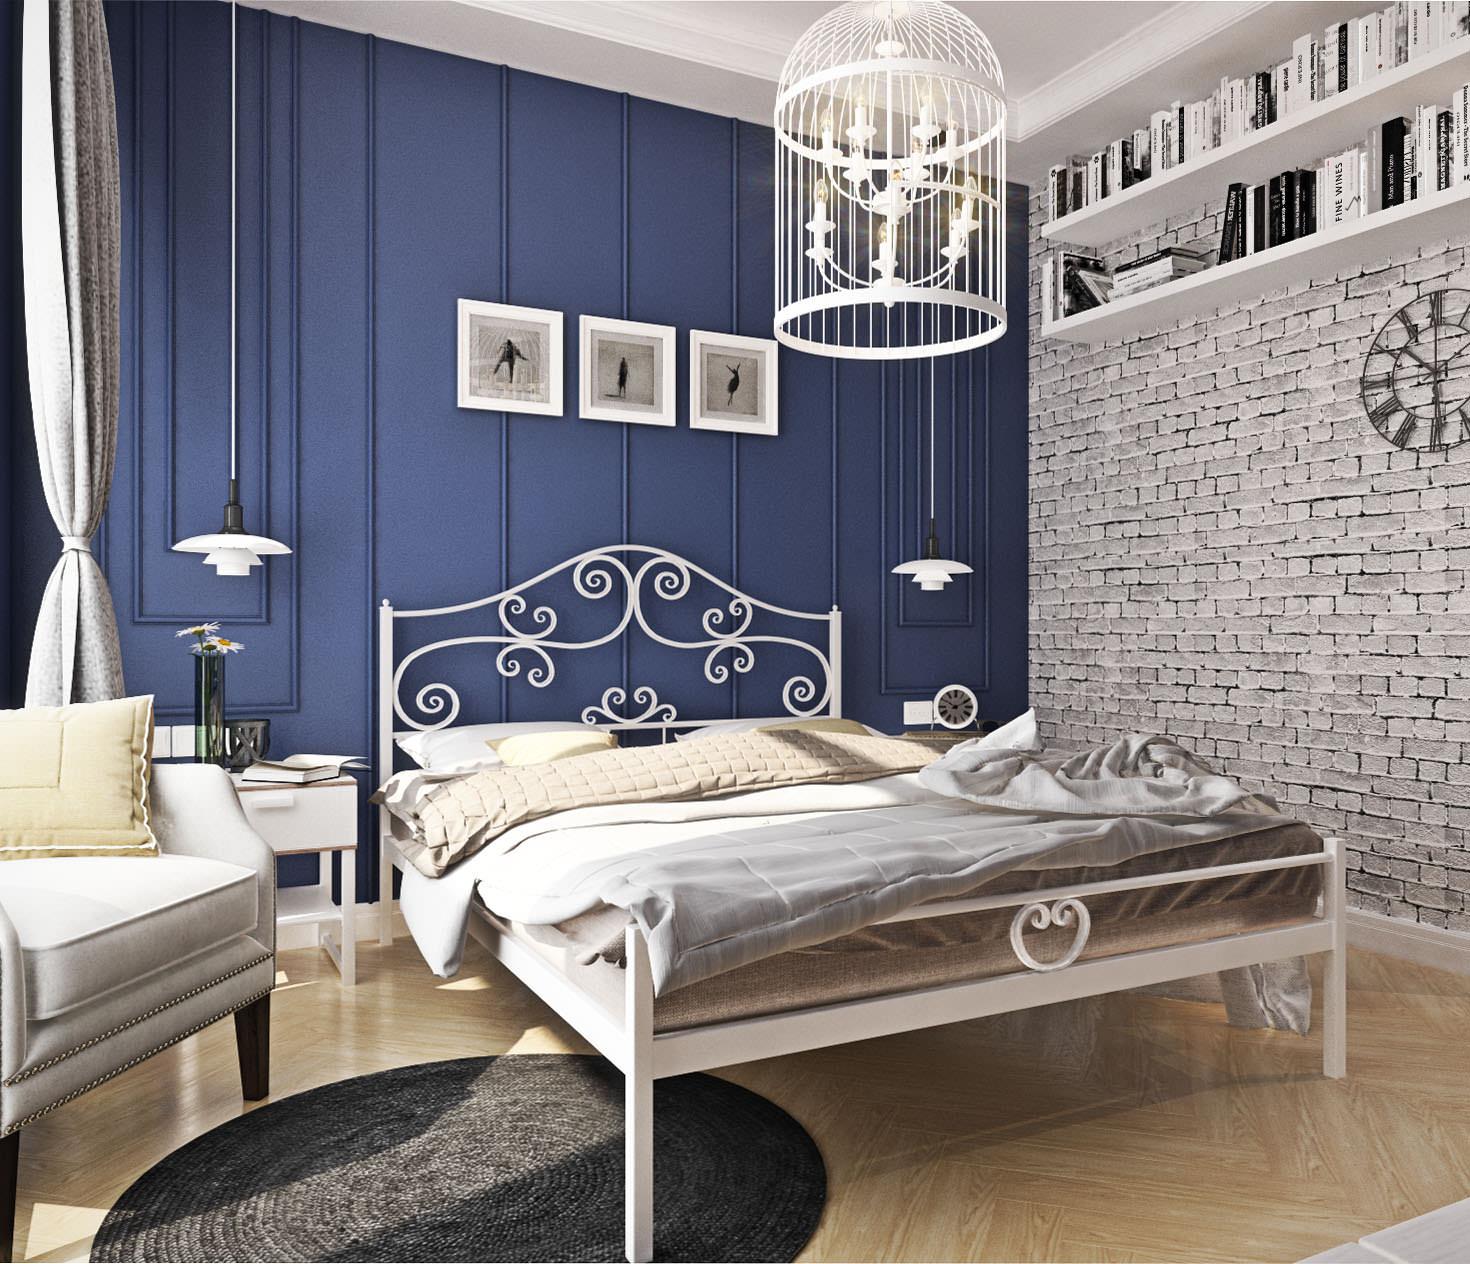 кованые кровати дизайн идеи